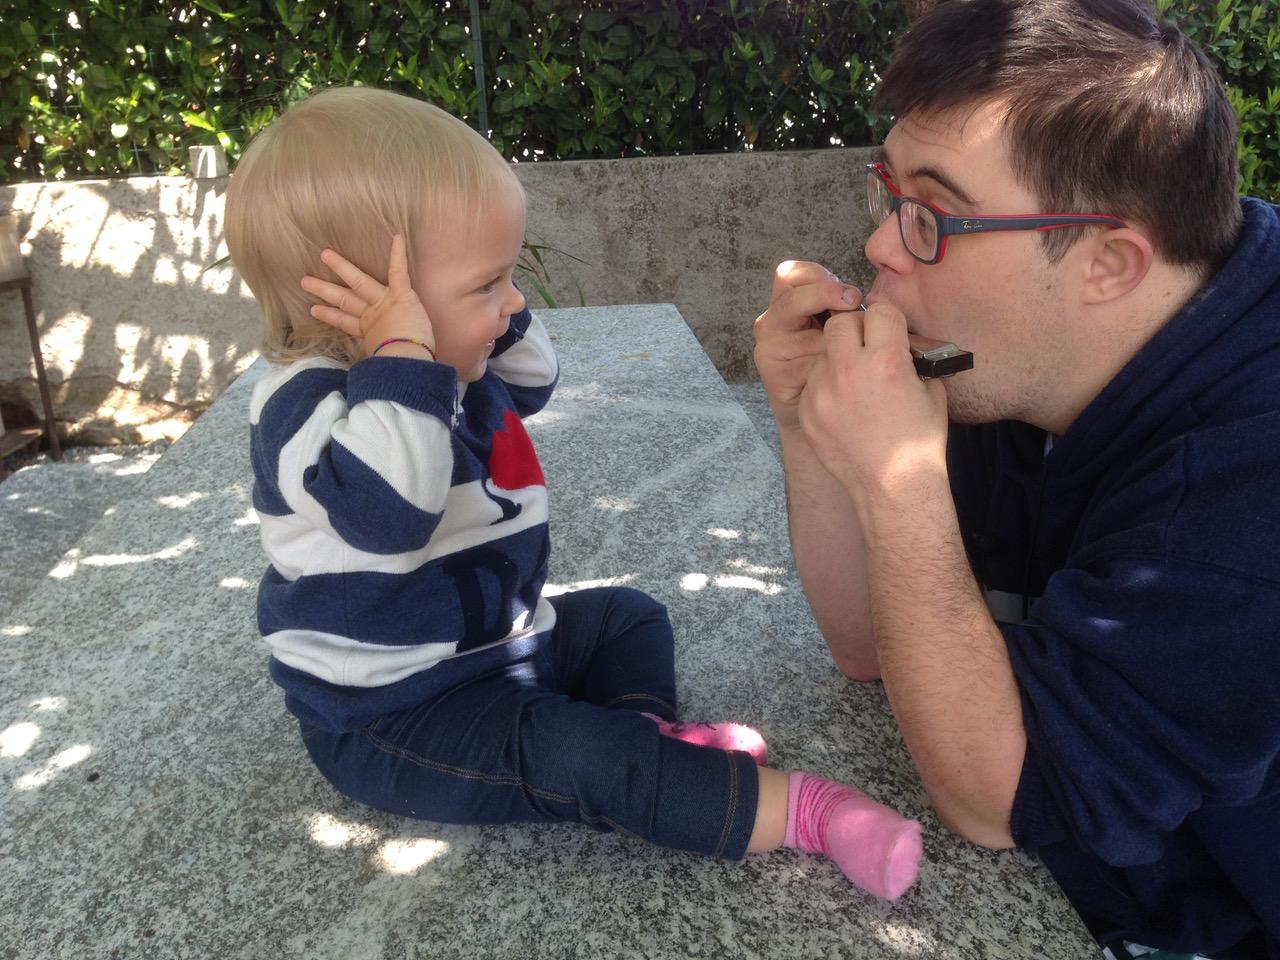 lo zio Andrea (sinndrome di Down) che suona con la piccola